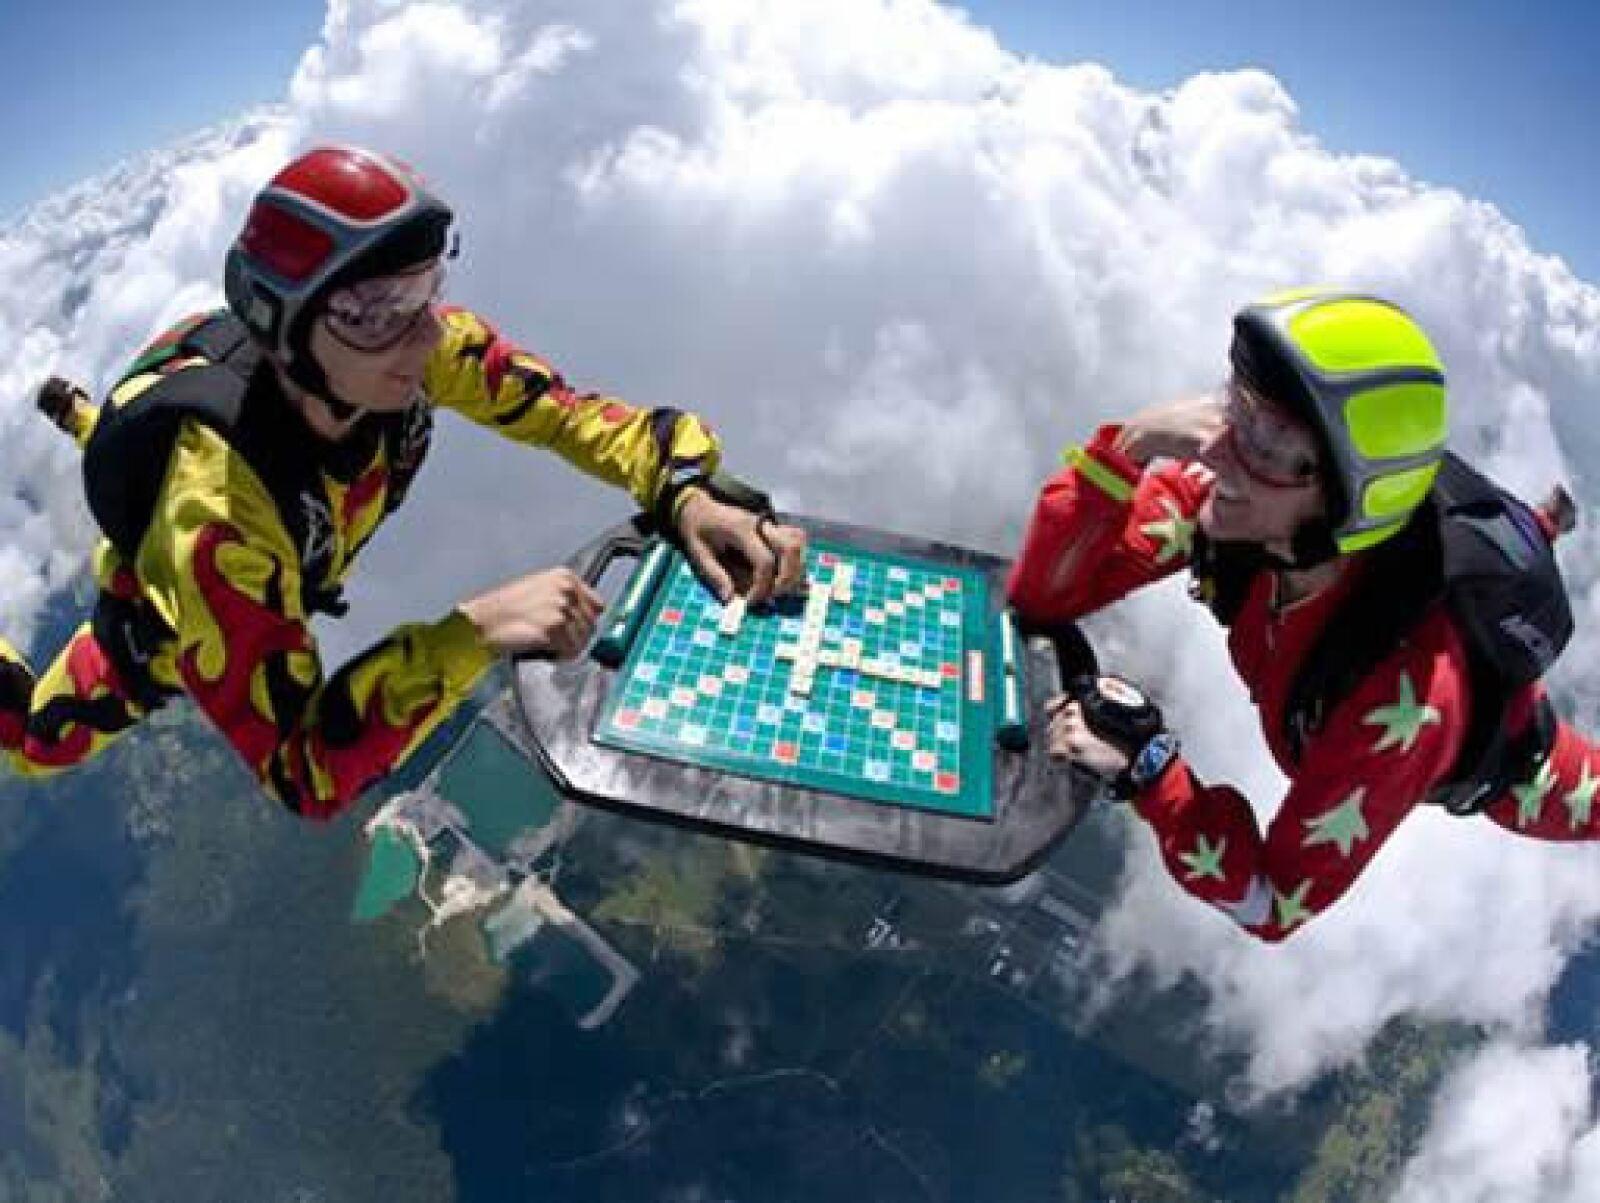 Los paracaidistas Nicole Angelides y Ramsey Kent mezclaron su pasión por las alturas con el amor al juego, jugando Scrabble a más de 4 mil metros sobre Florida.